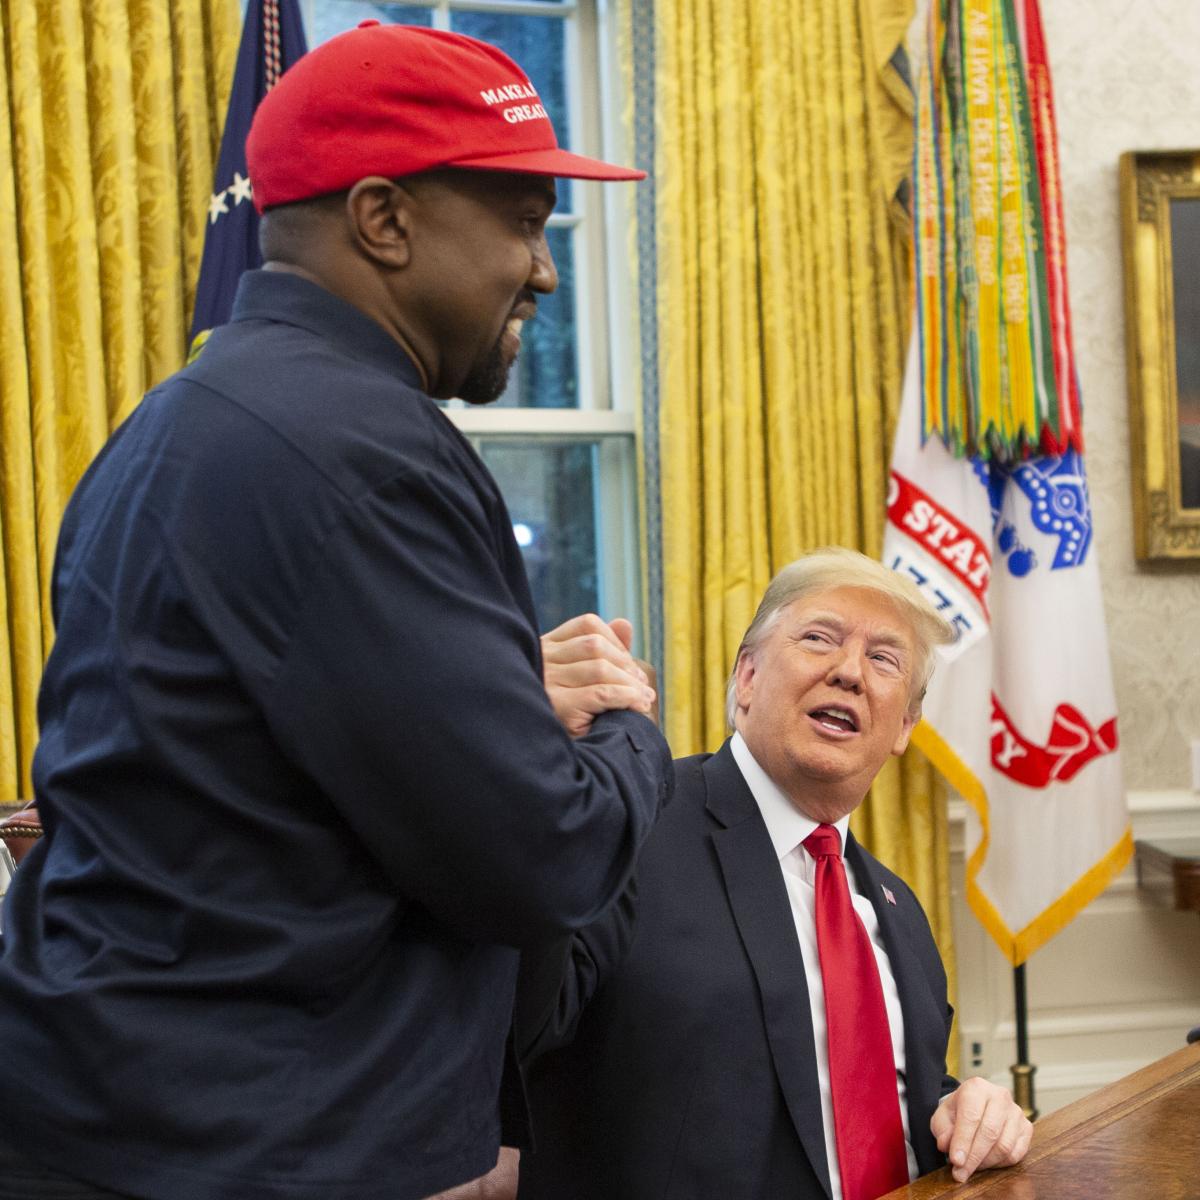 カニエ・ウェストが米大統領選への出馬を表明! ツイッターで賛否両論が続出、お祭り騒ぎに